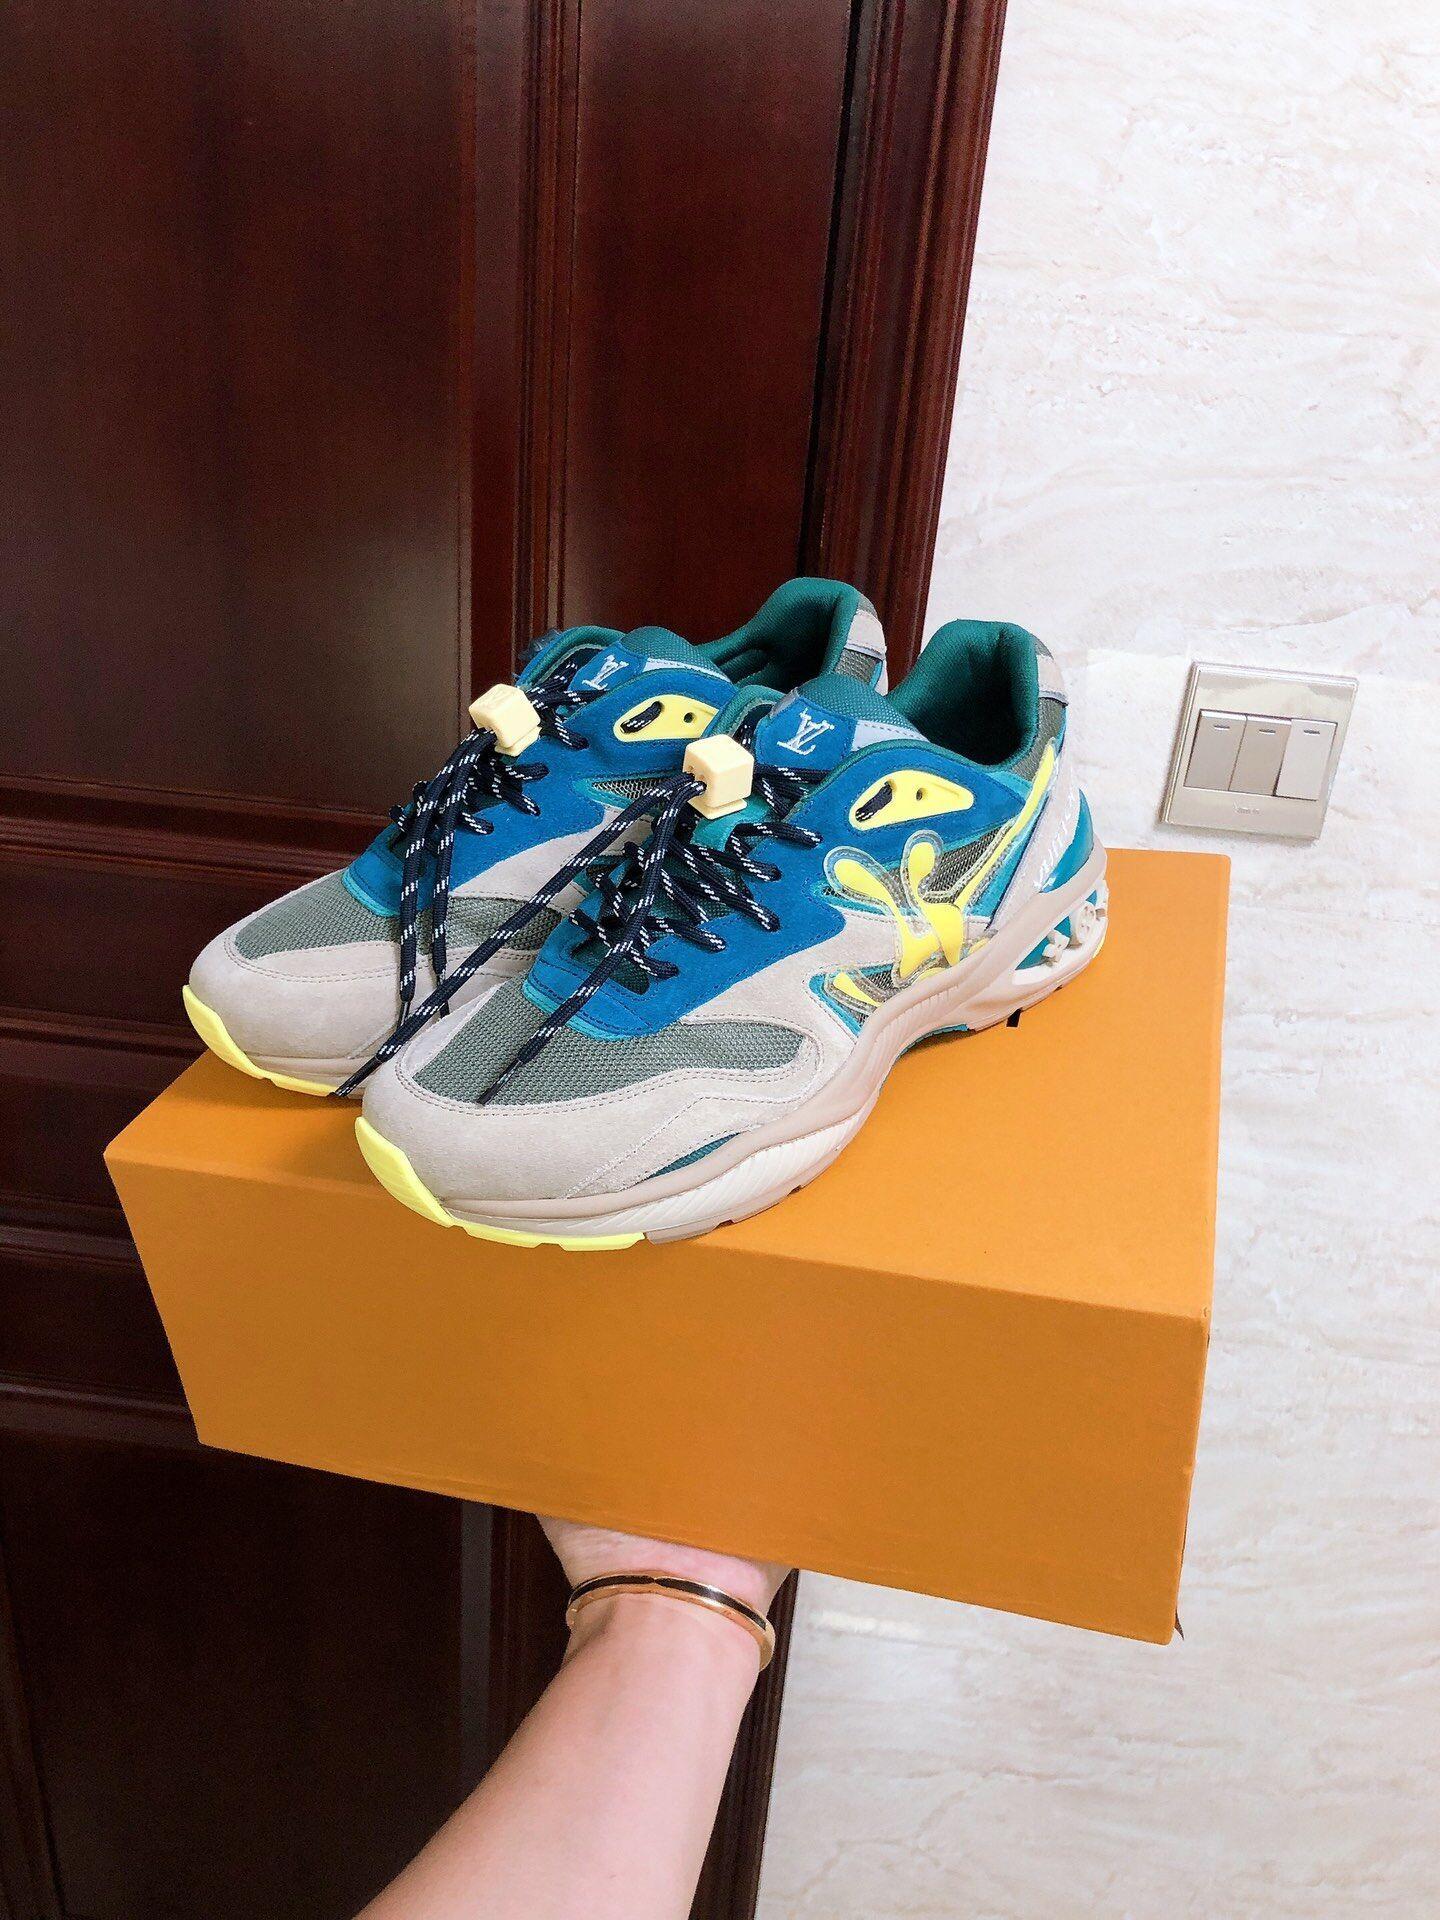 trail sneaker 1A7PEF    sneaker    men shoes    sneaker 1A7PEF  9